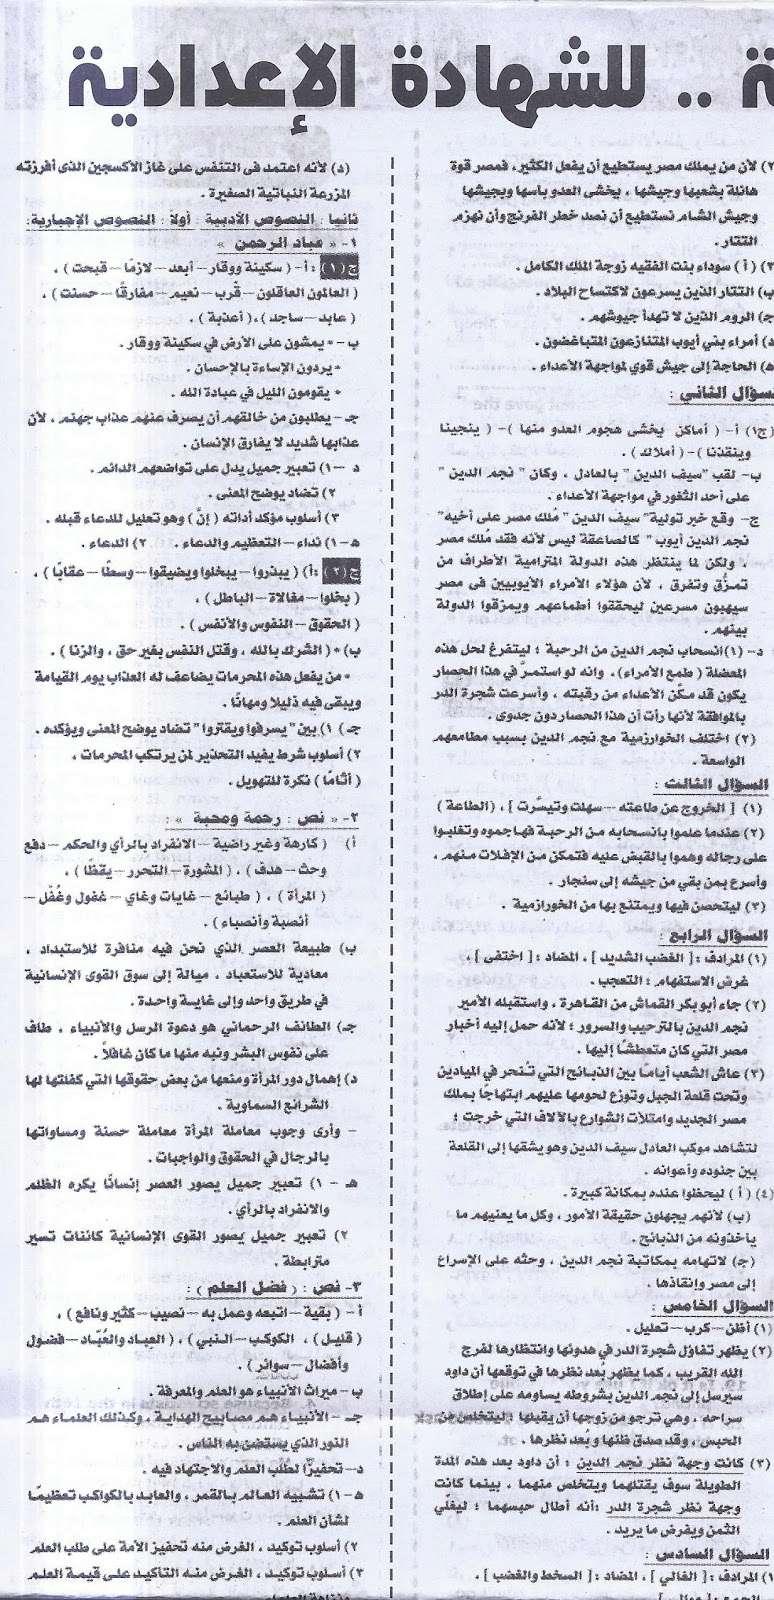 مراجعة لغة عربية اخيرة لامتحان نصف العام للشهادة الاعدادية - ملحق الجمهورية 20/1/2017 3116